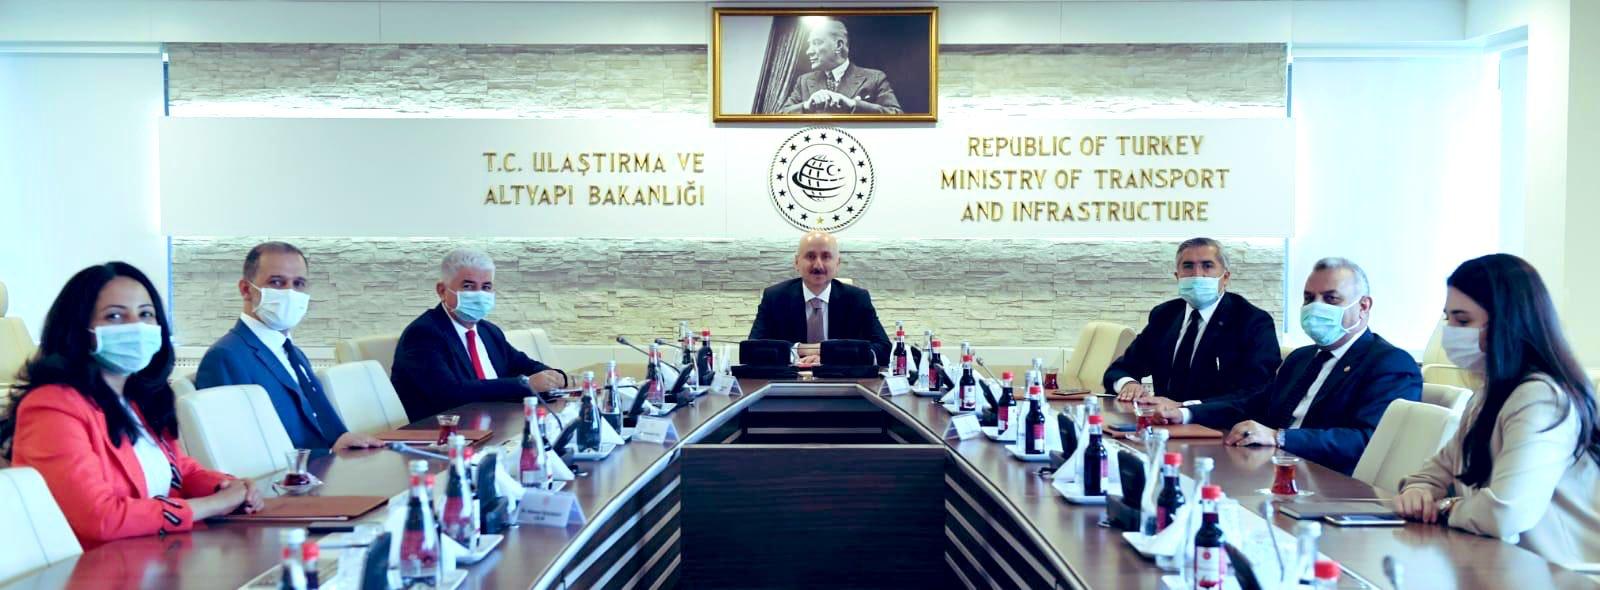 AK Parti Hatay Milletvekilleri Bakan Karaismailoğlu'nu ziyaret ettiler